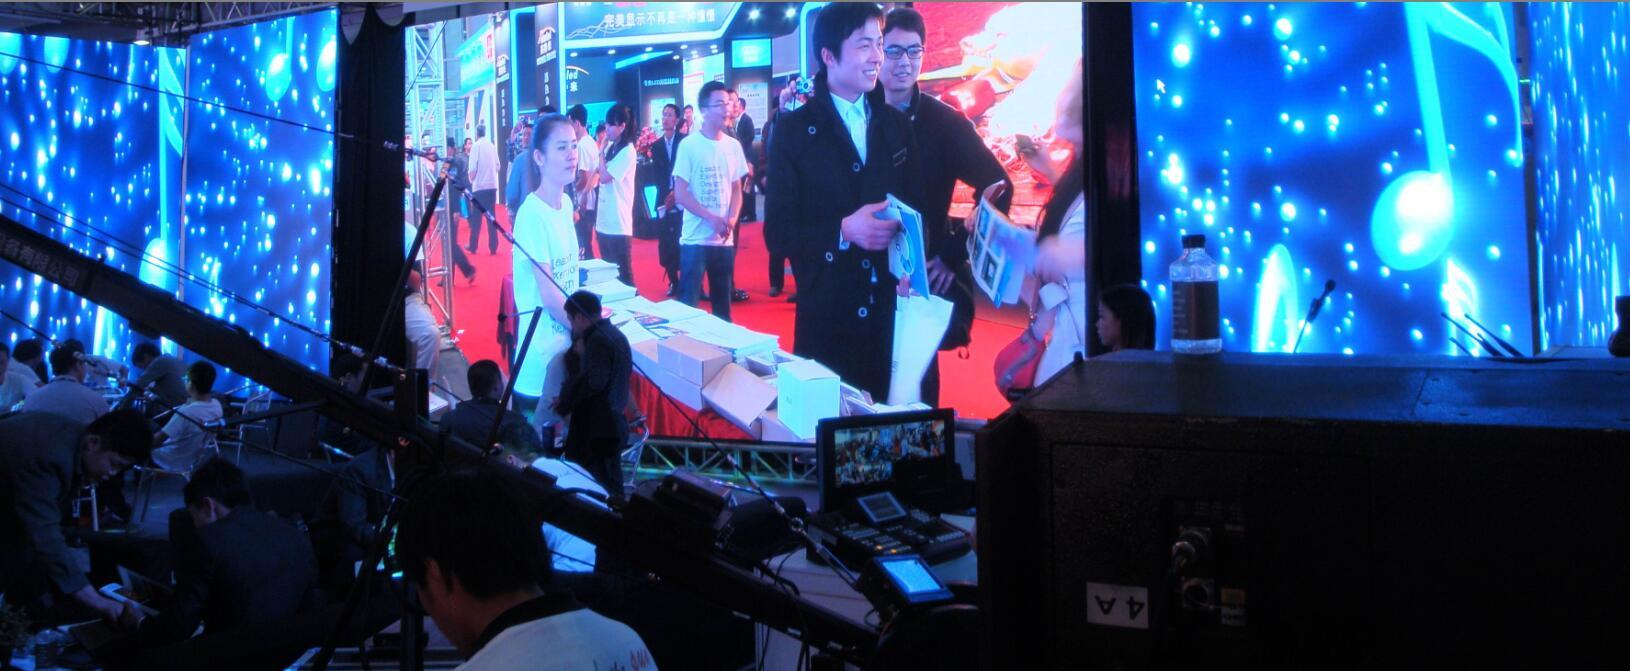 沈阳LED显示屏可靠厂家_沈阳菁华鑫盛经贸-沈阳LED显示屏供货厂家